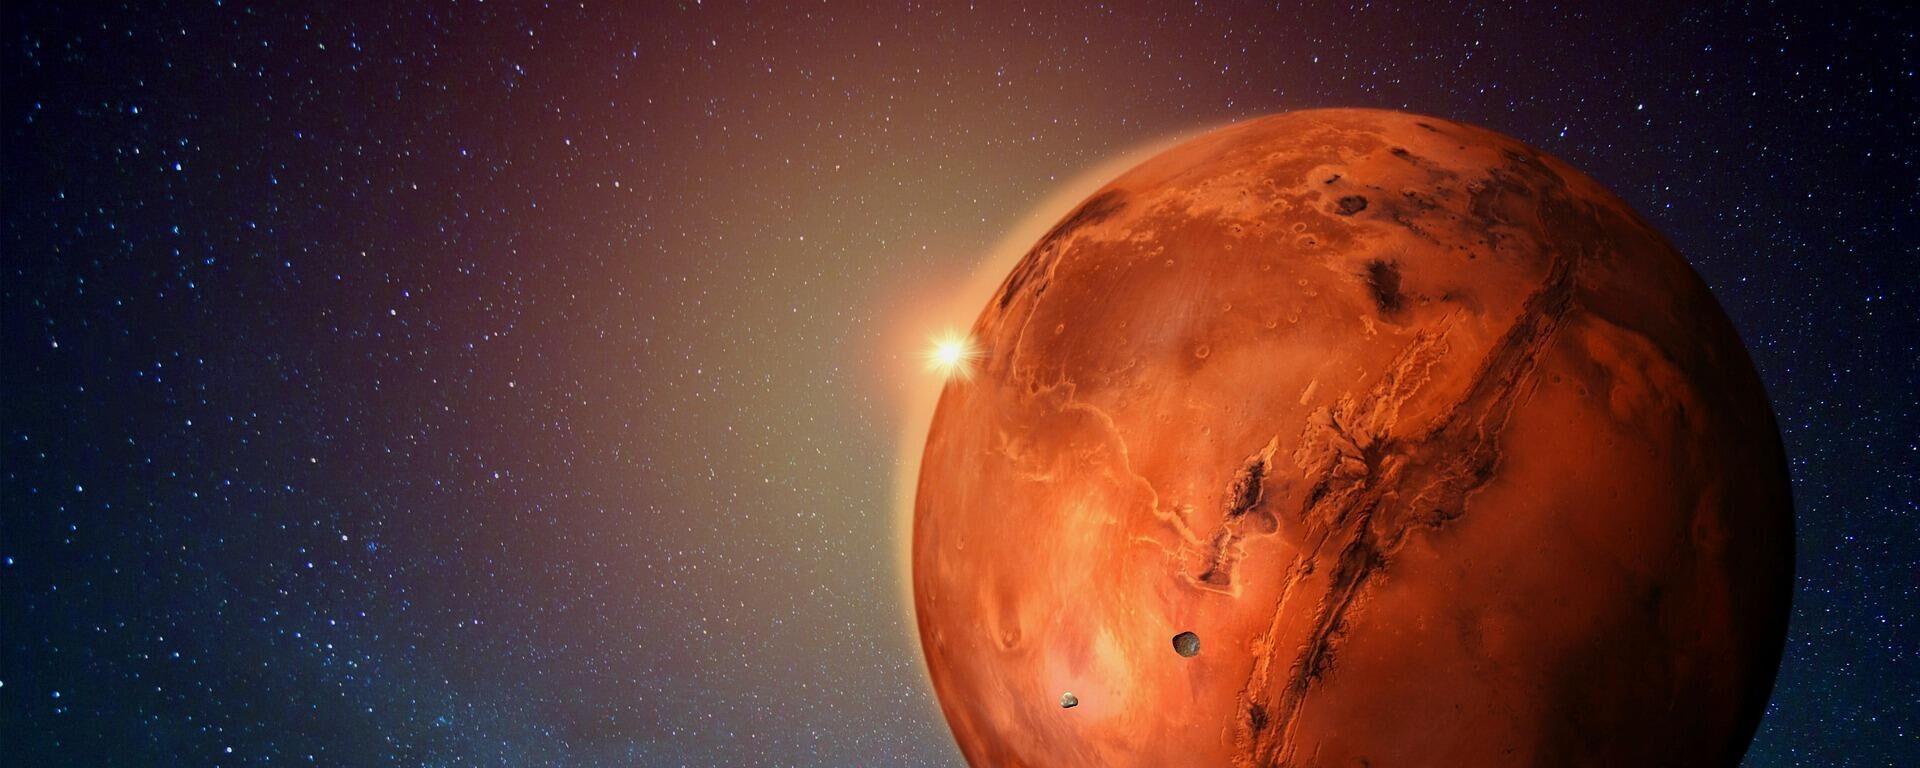 Marte - Sputnik Mundo, 1920, 09.06.2021